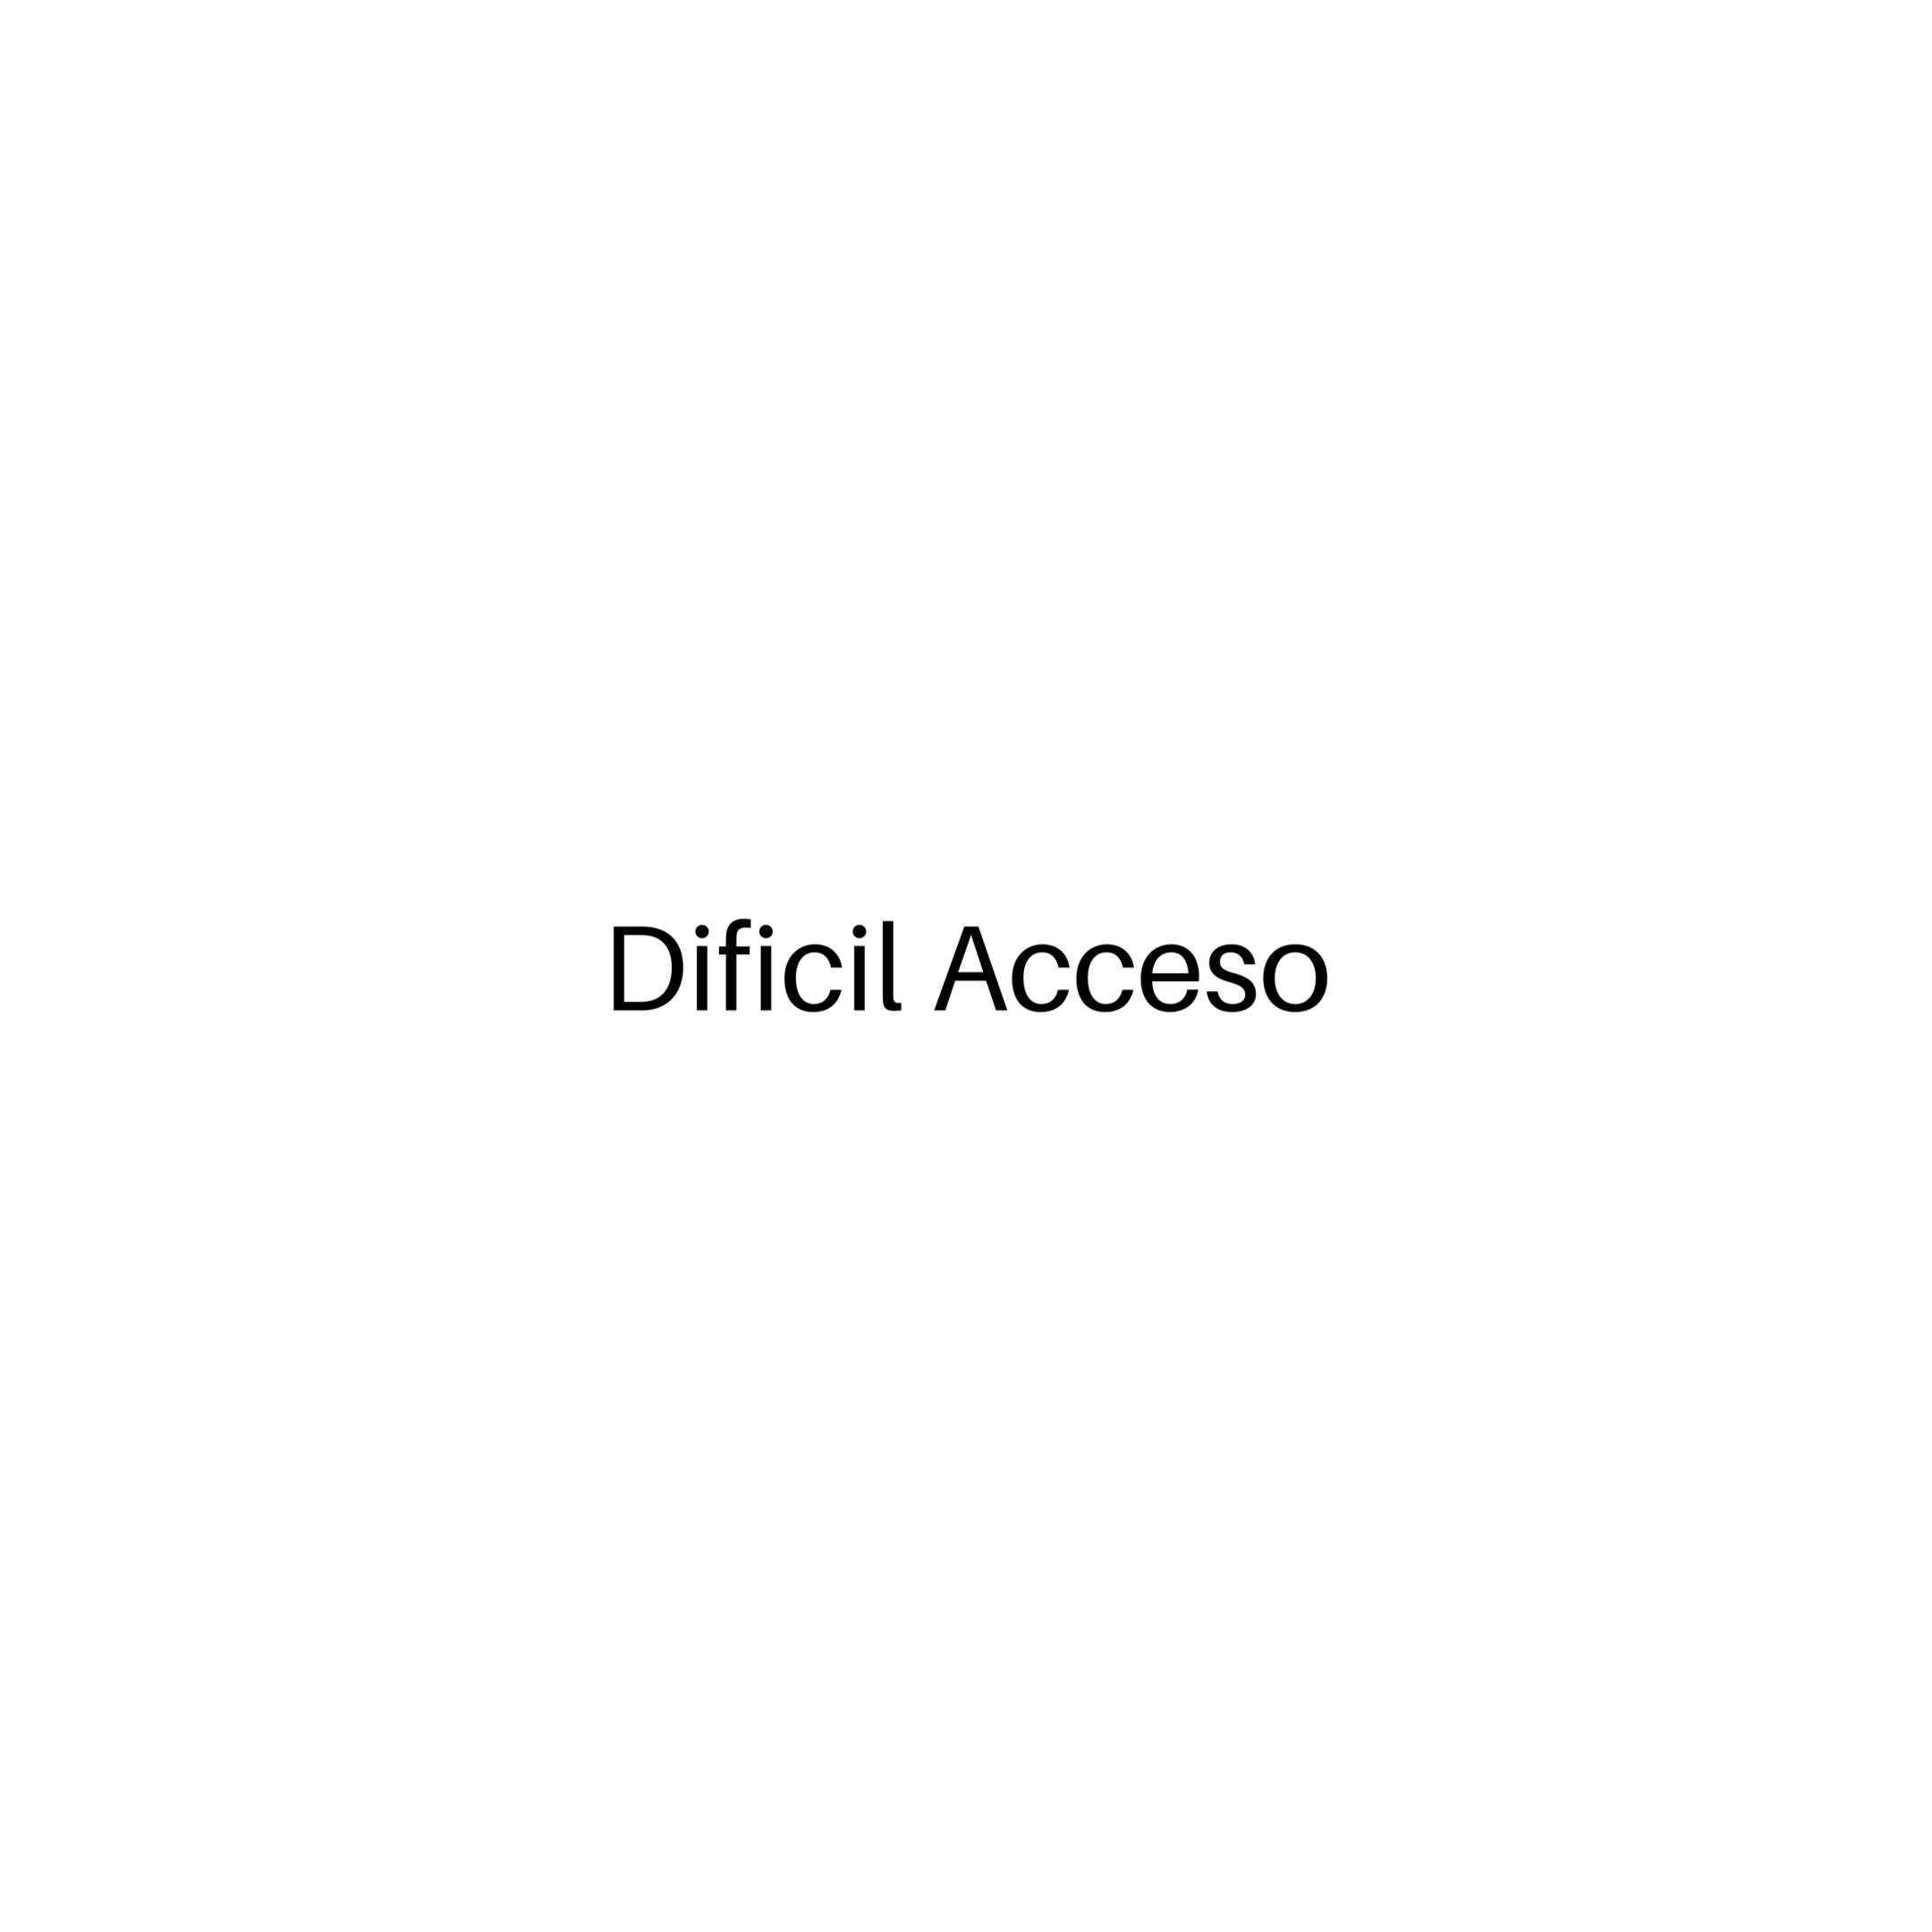 DIFÍCIL ACCESO